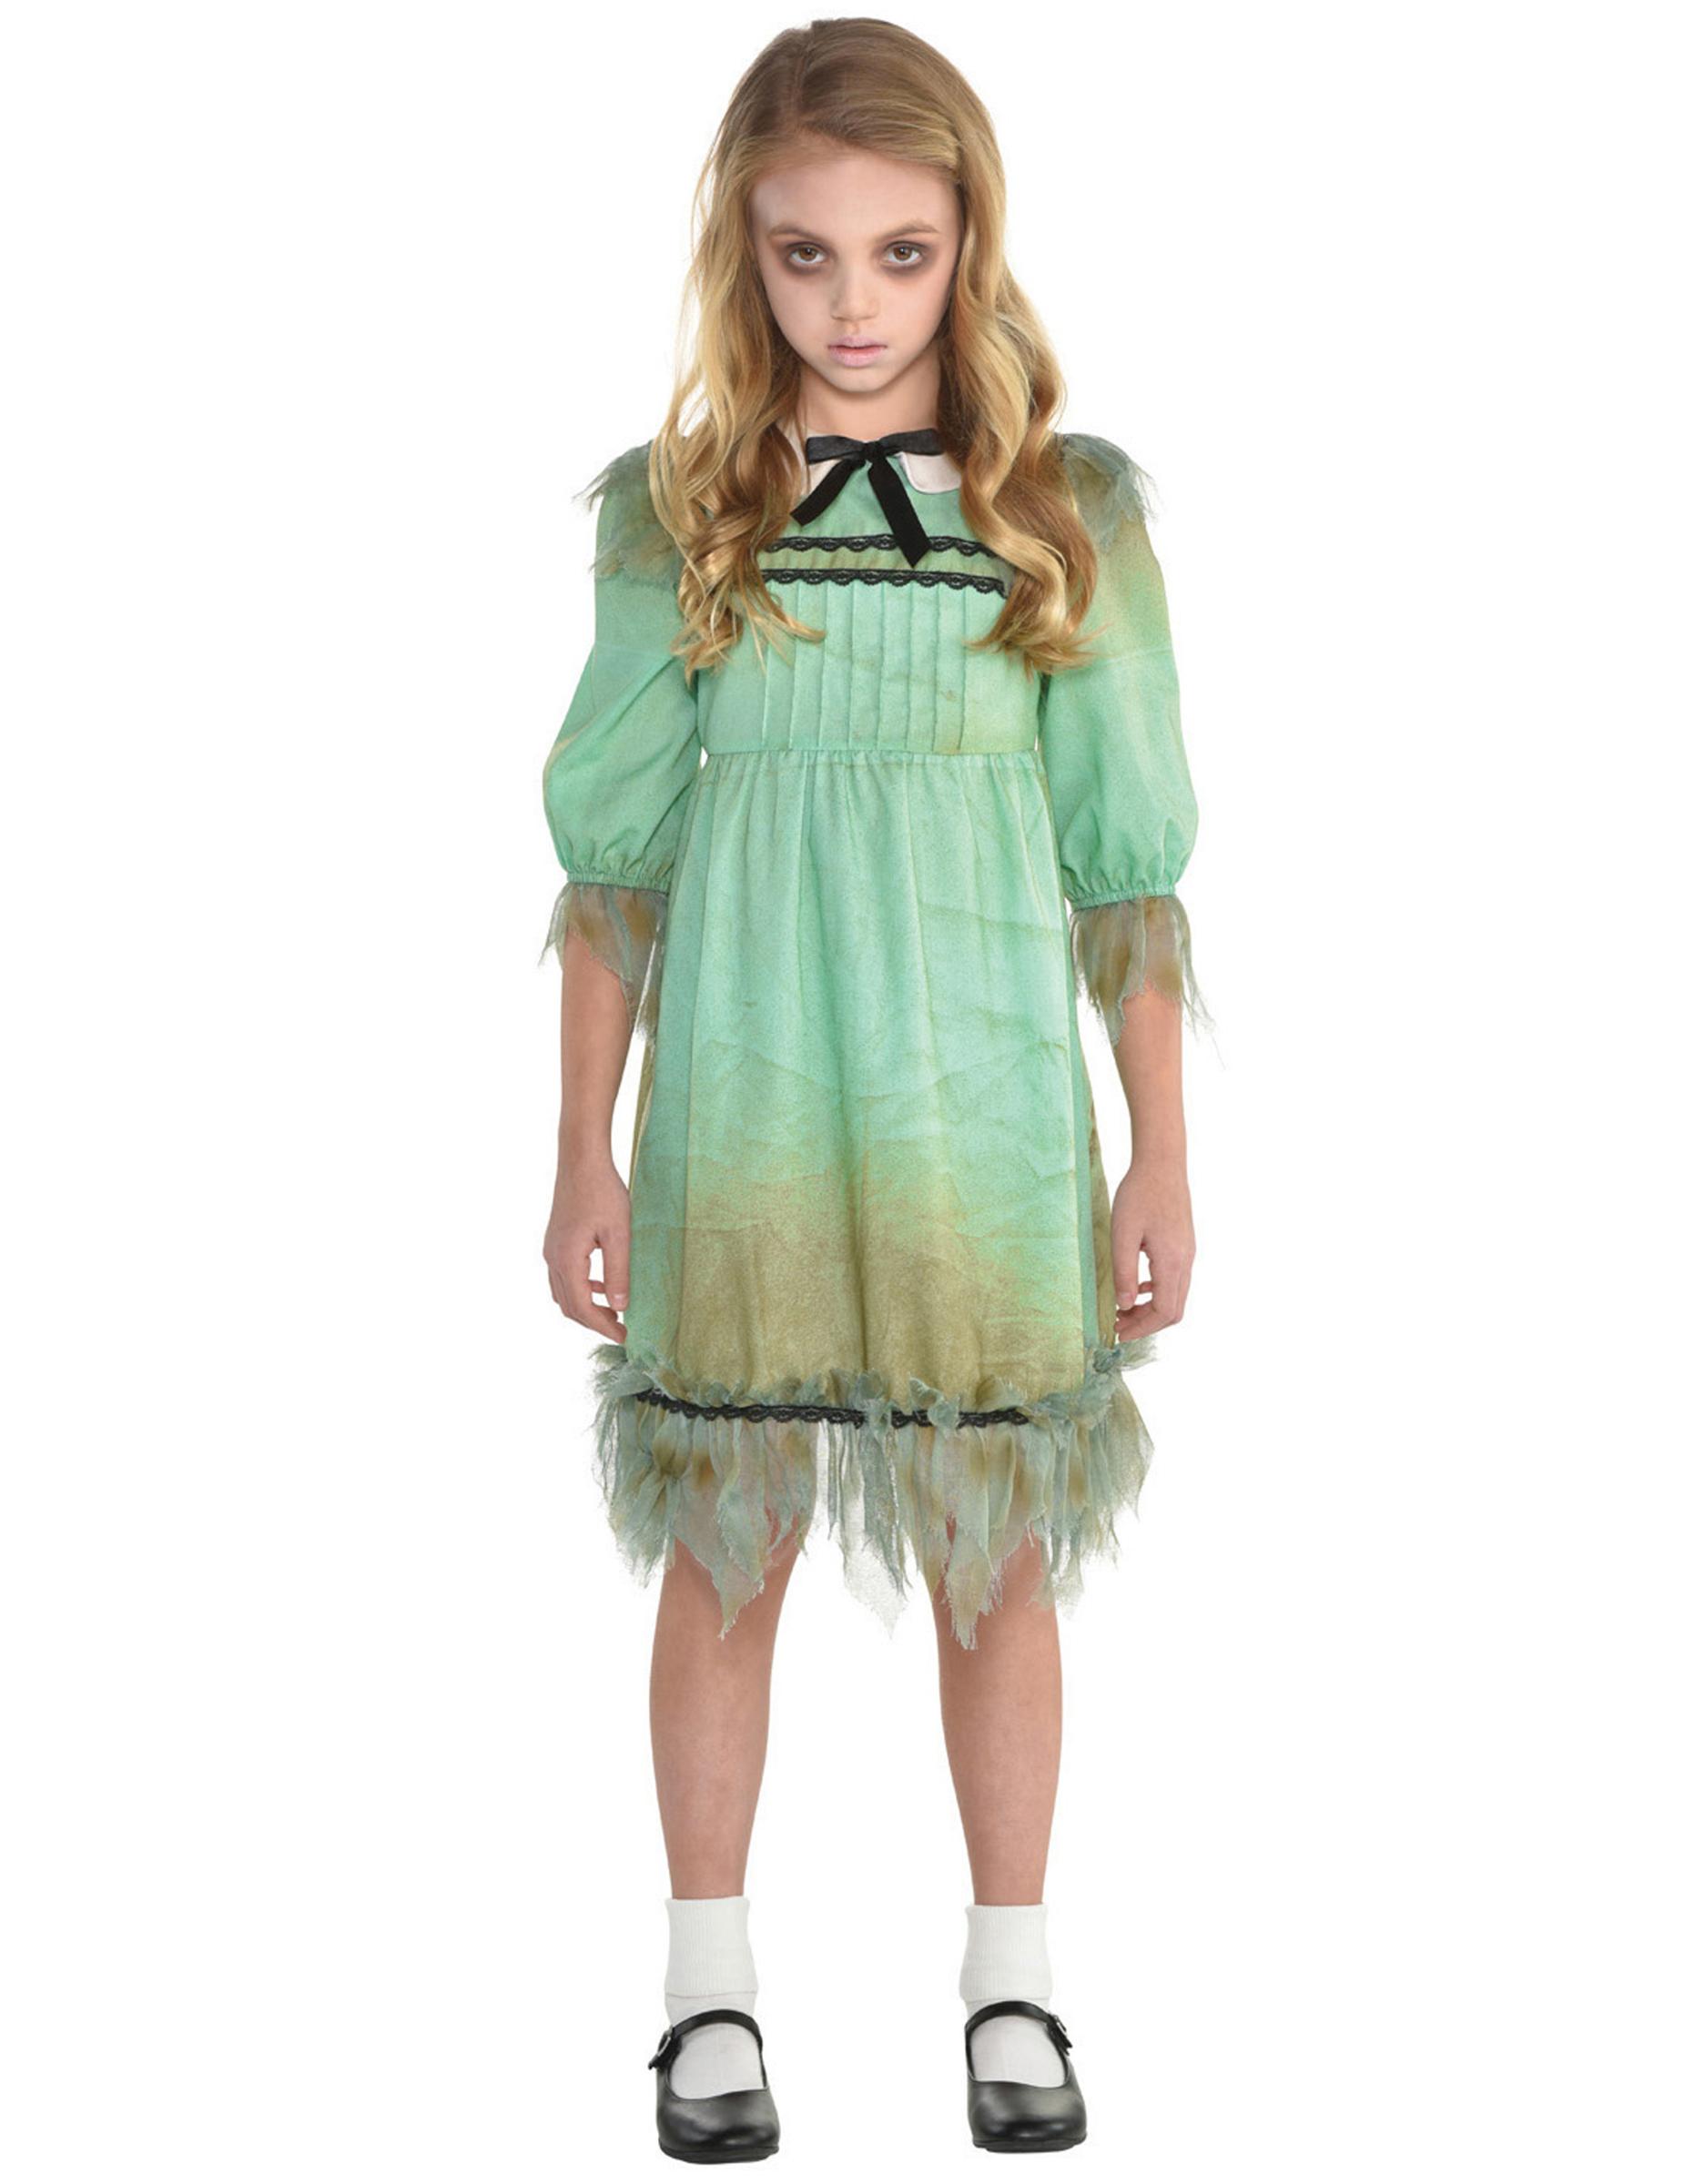 Geistermädchen Halloween-Kostüm für Mädchen grün - 128/140 (8-10 Jahre) 293025